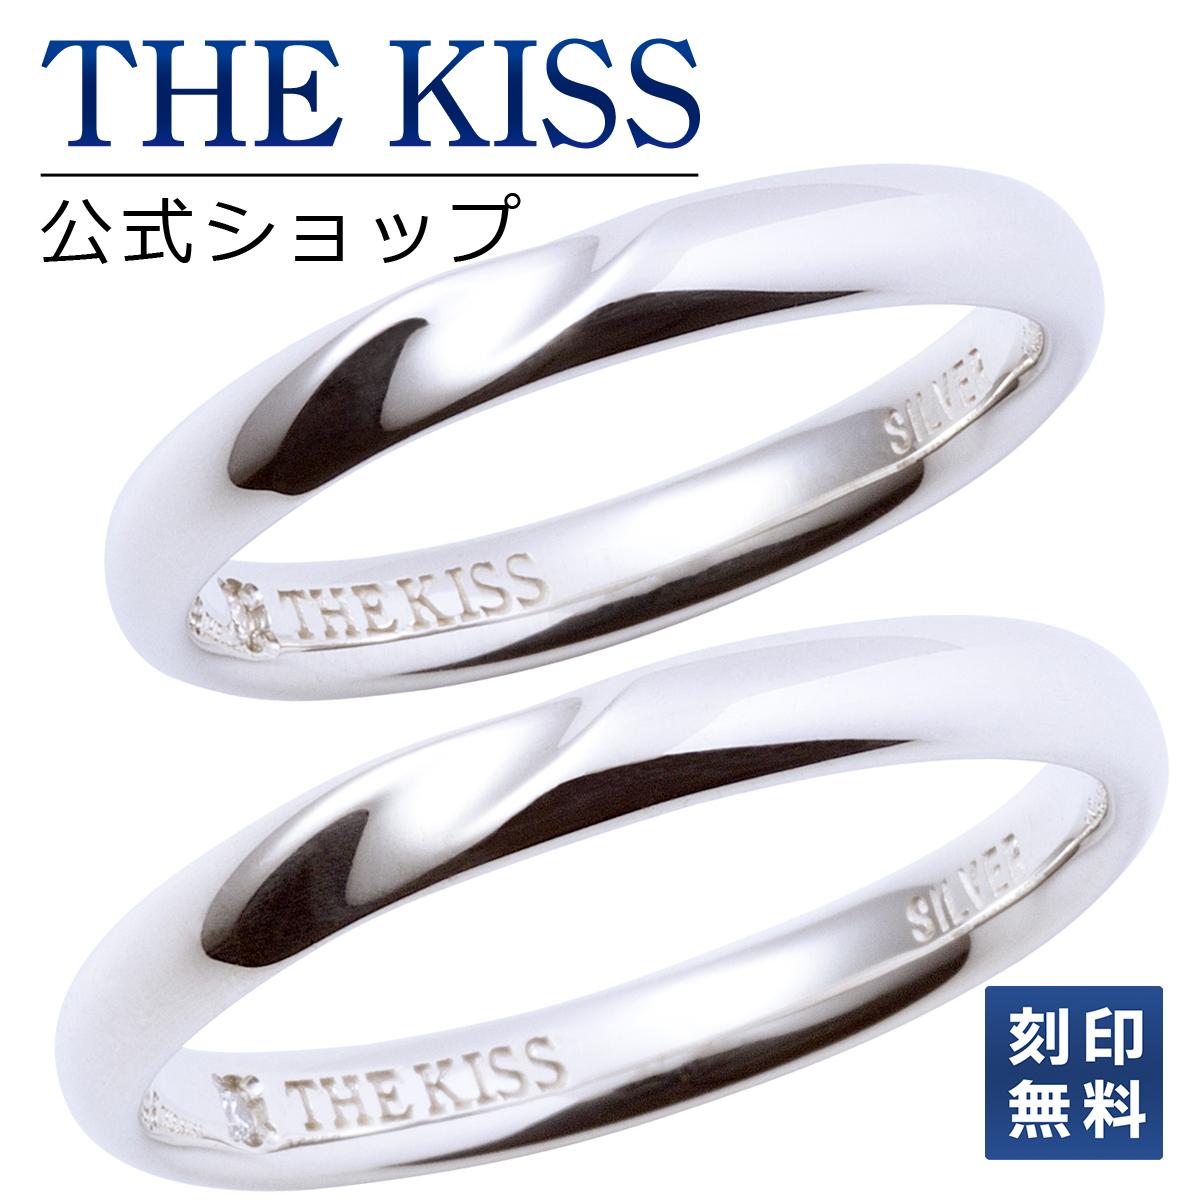 【刻印可_5文字】【あす楽対応】THE KISS 公式サイト シルバー ペアリング ダイヤモンド ペアアクセサリー カップル に 人気 の ジュエリーブランド THEKISS ペア リング・指輪 記念日 プレゼント SR1543DM-P セット シンプル ザキス 【送料無料】